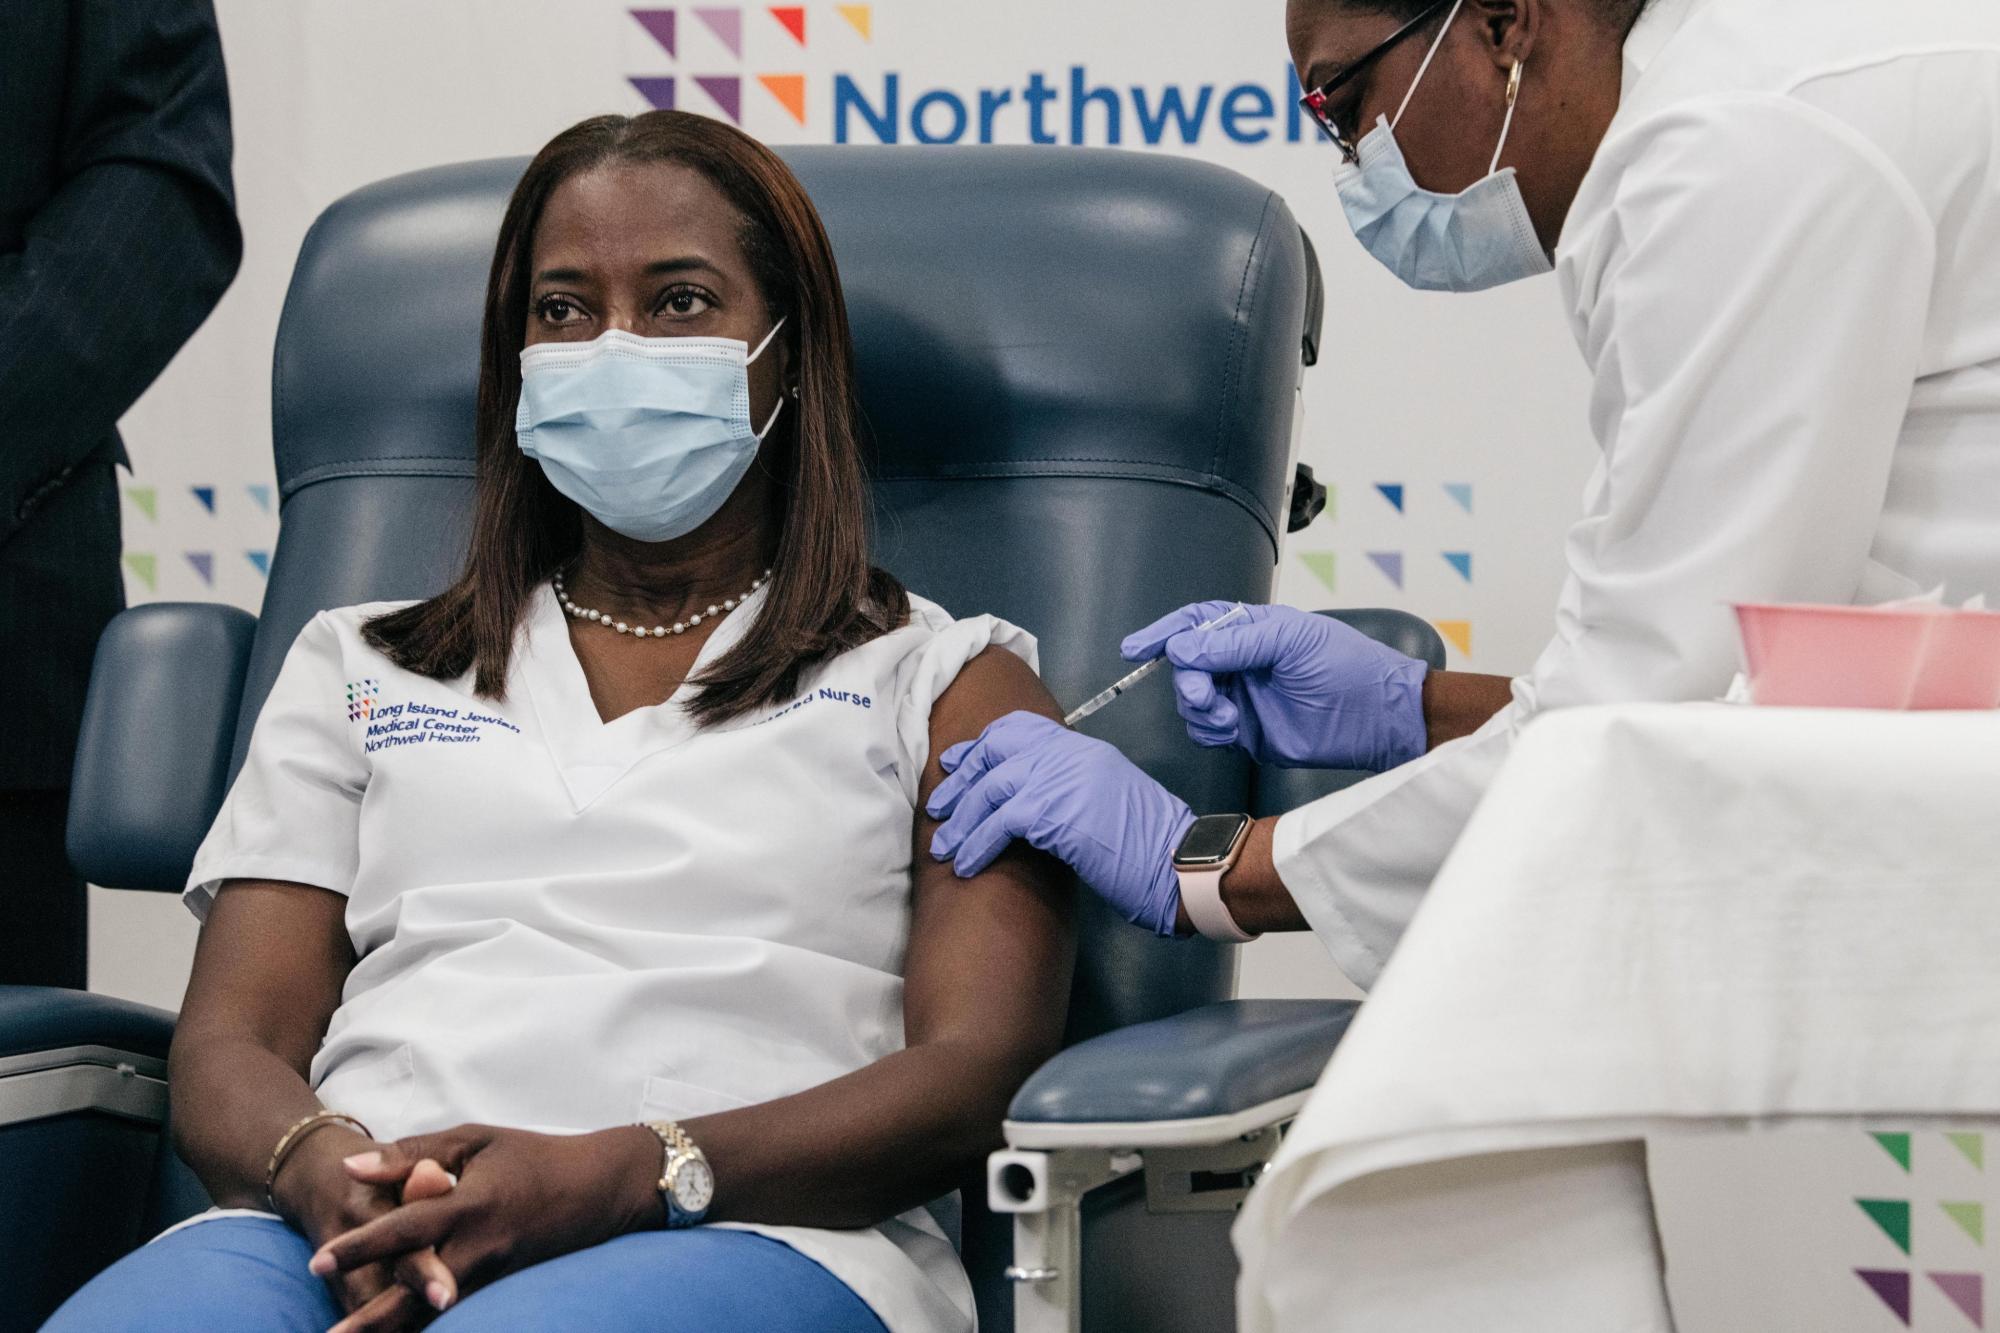 Вакцина от коронавируса: что известно о первых испытуемых? — фото 3